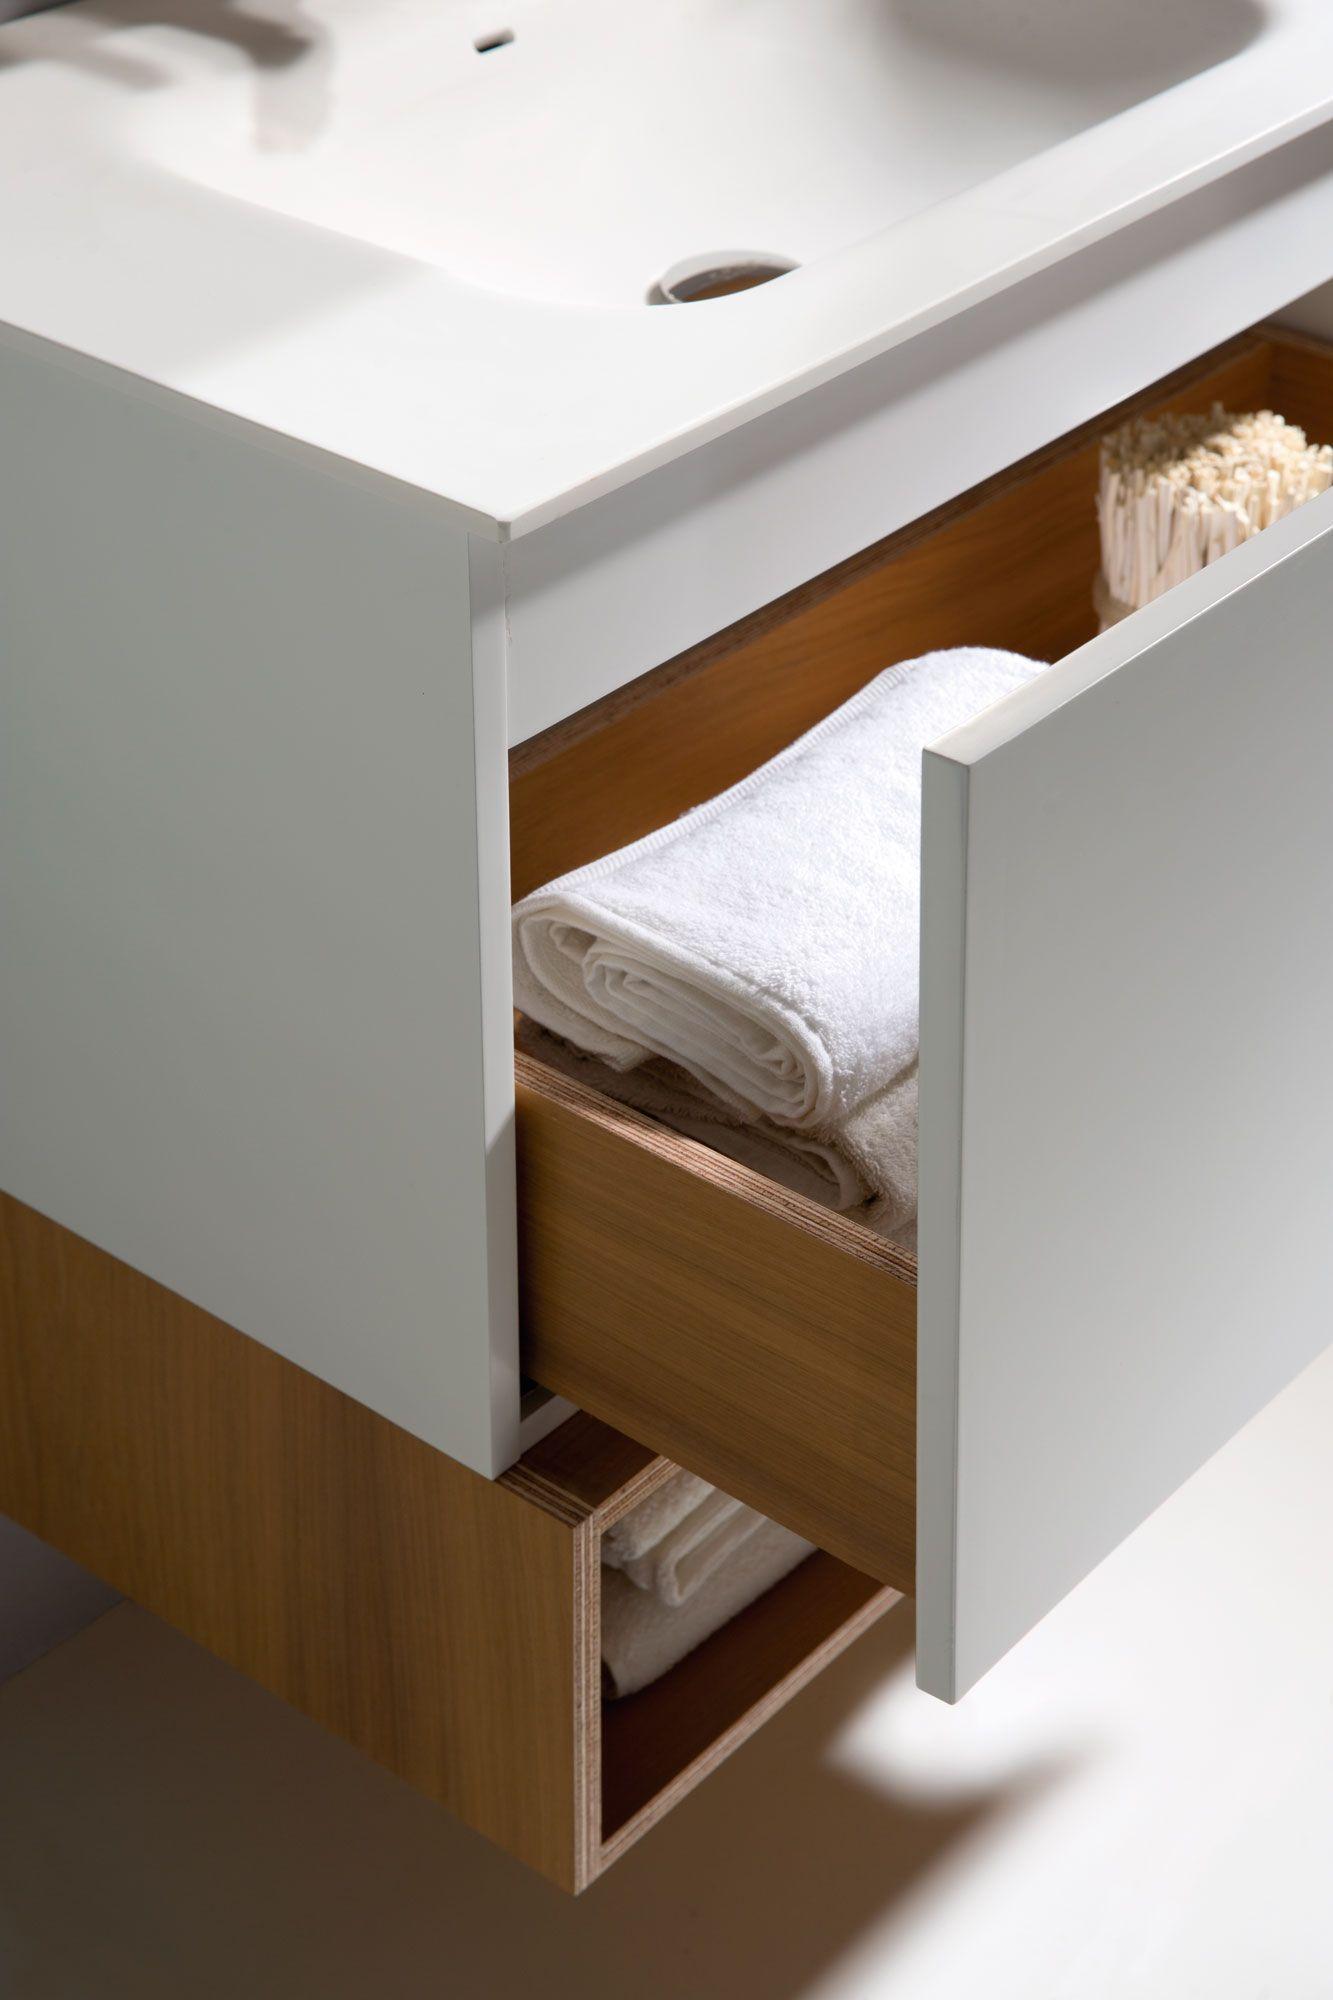 Muebles suspendidos affordable muebles de bao econmicos y suspendidos with muebles suspendidos - Muebles en cerdanyola ...